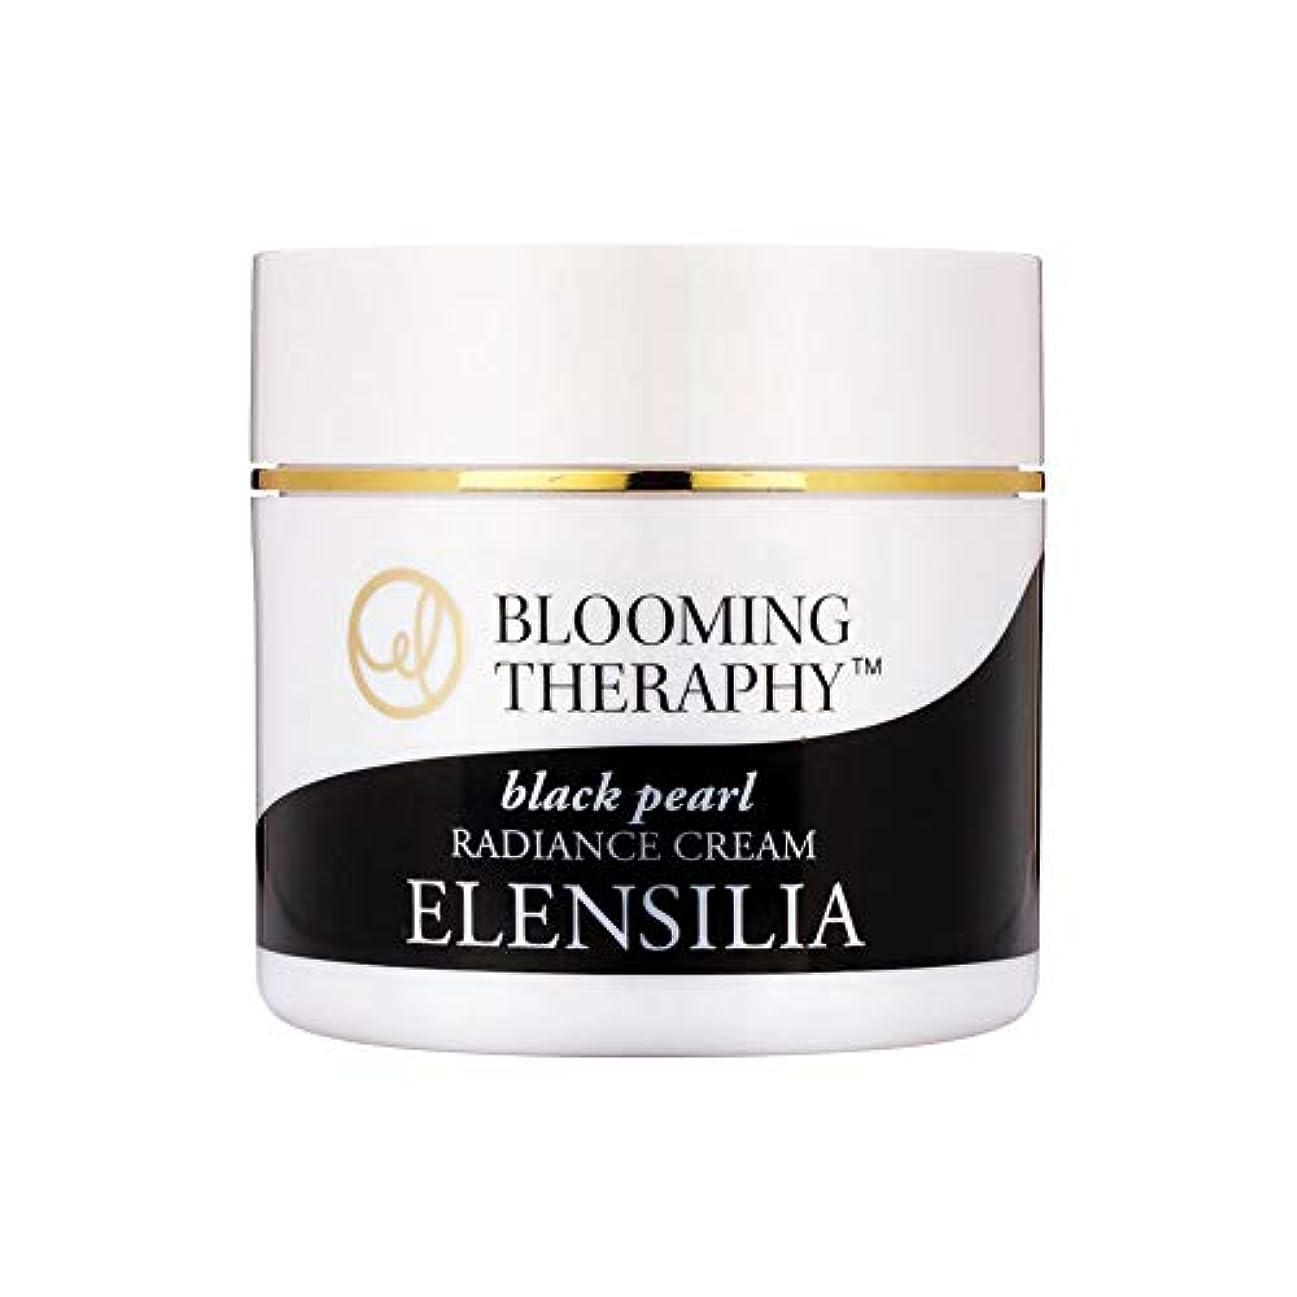 ボイド息を切らして革新エルレンシルラElensilia 韓国コスメ ブルーミングセラピー黒真珠ラディアンスクリーム50g 海外直送品 Blooming Theraphy Black Pearl Radiance Cream [並行輸入品]